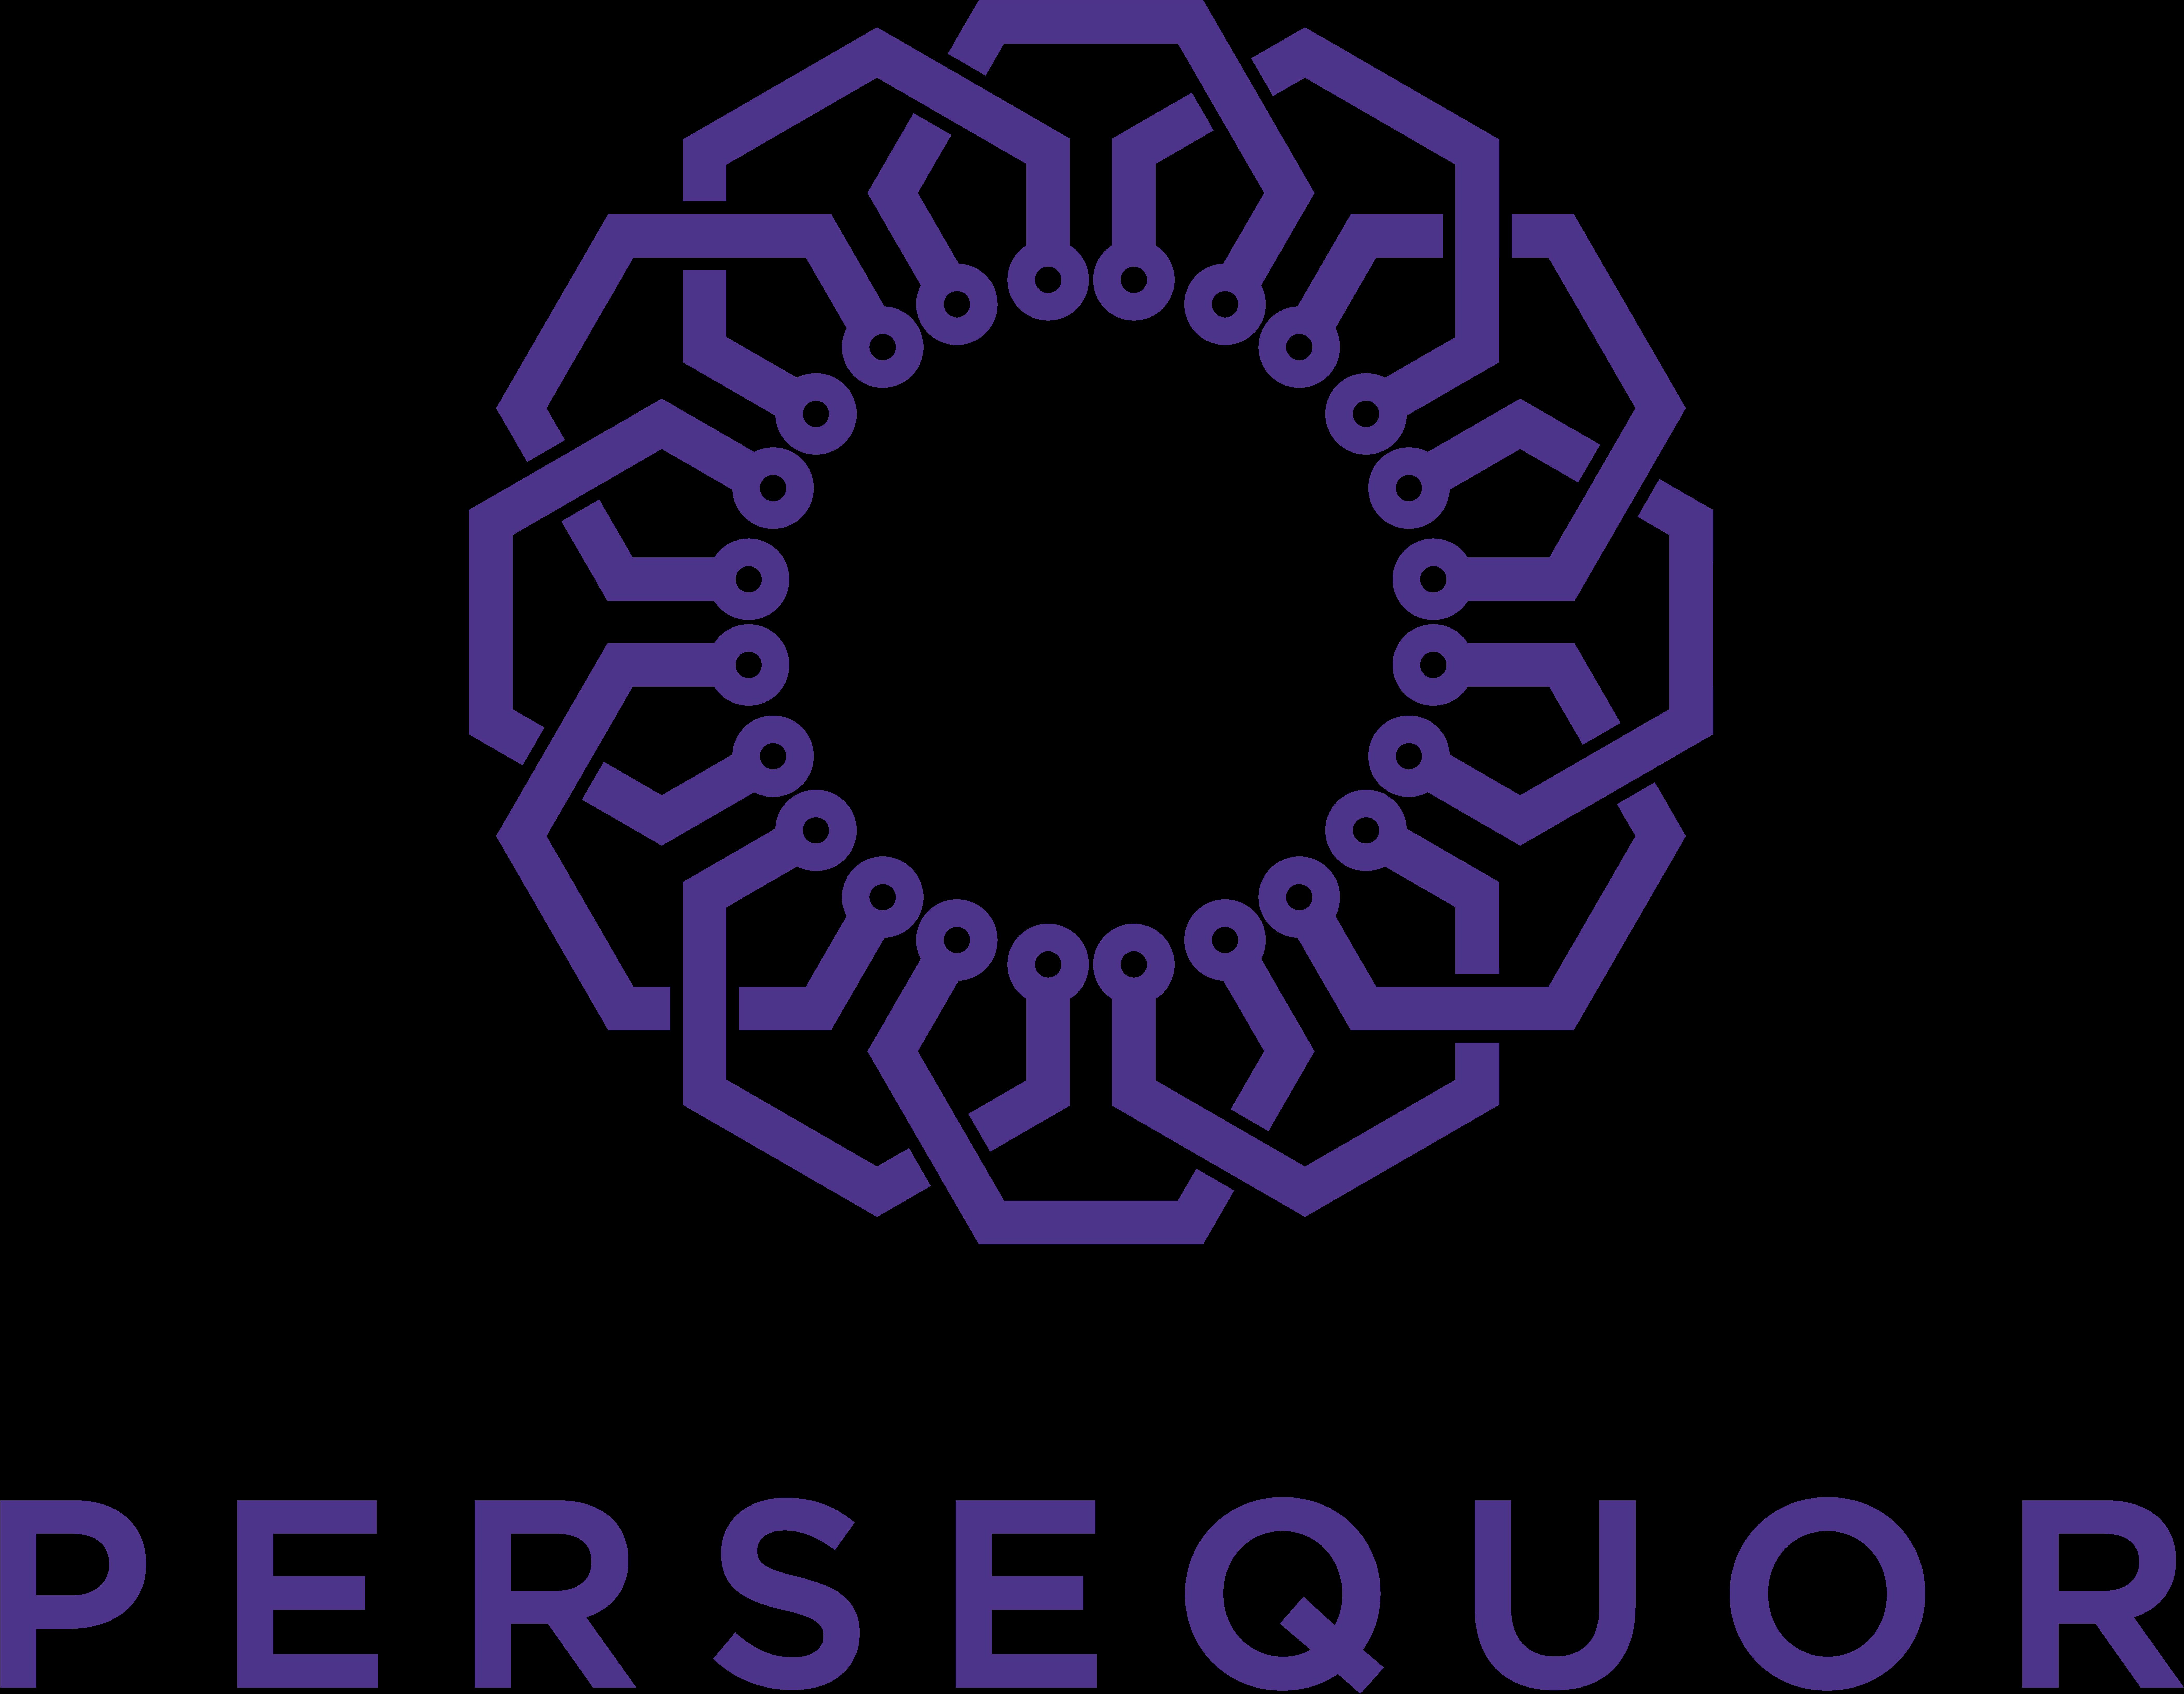 Persequor Gs1 Australia